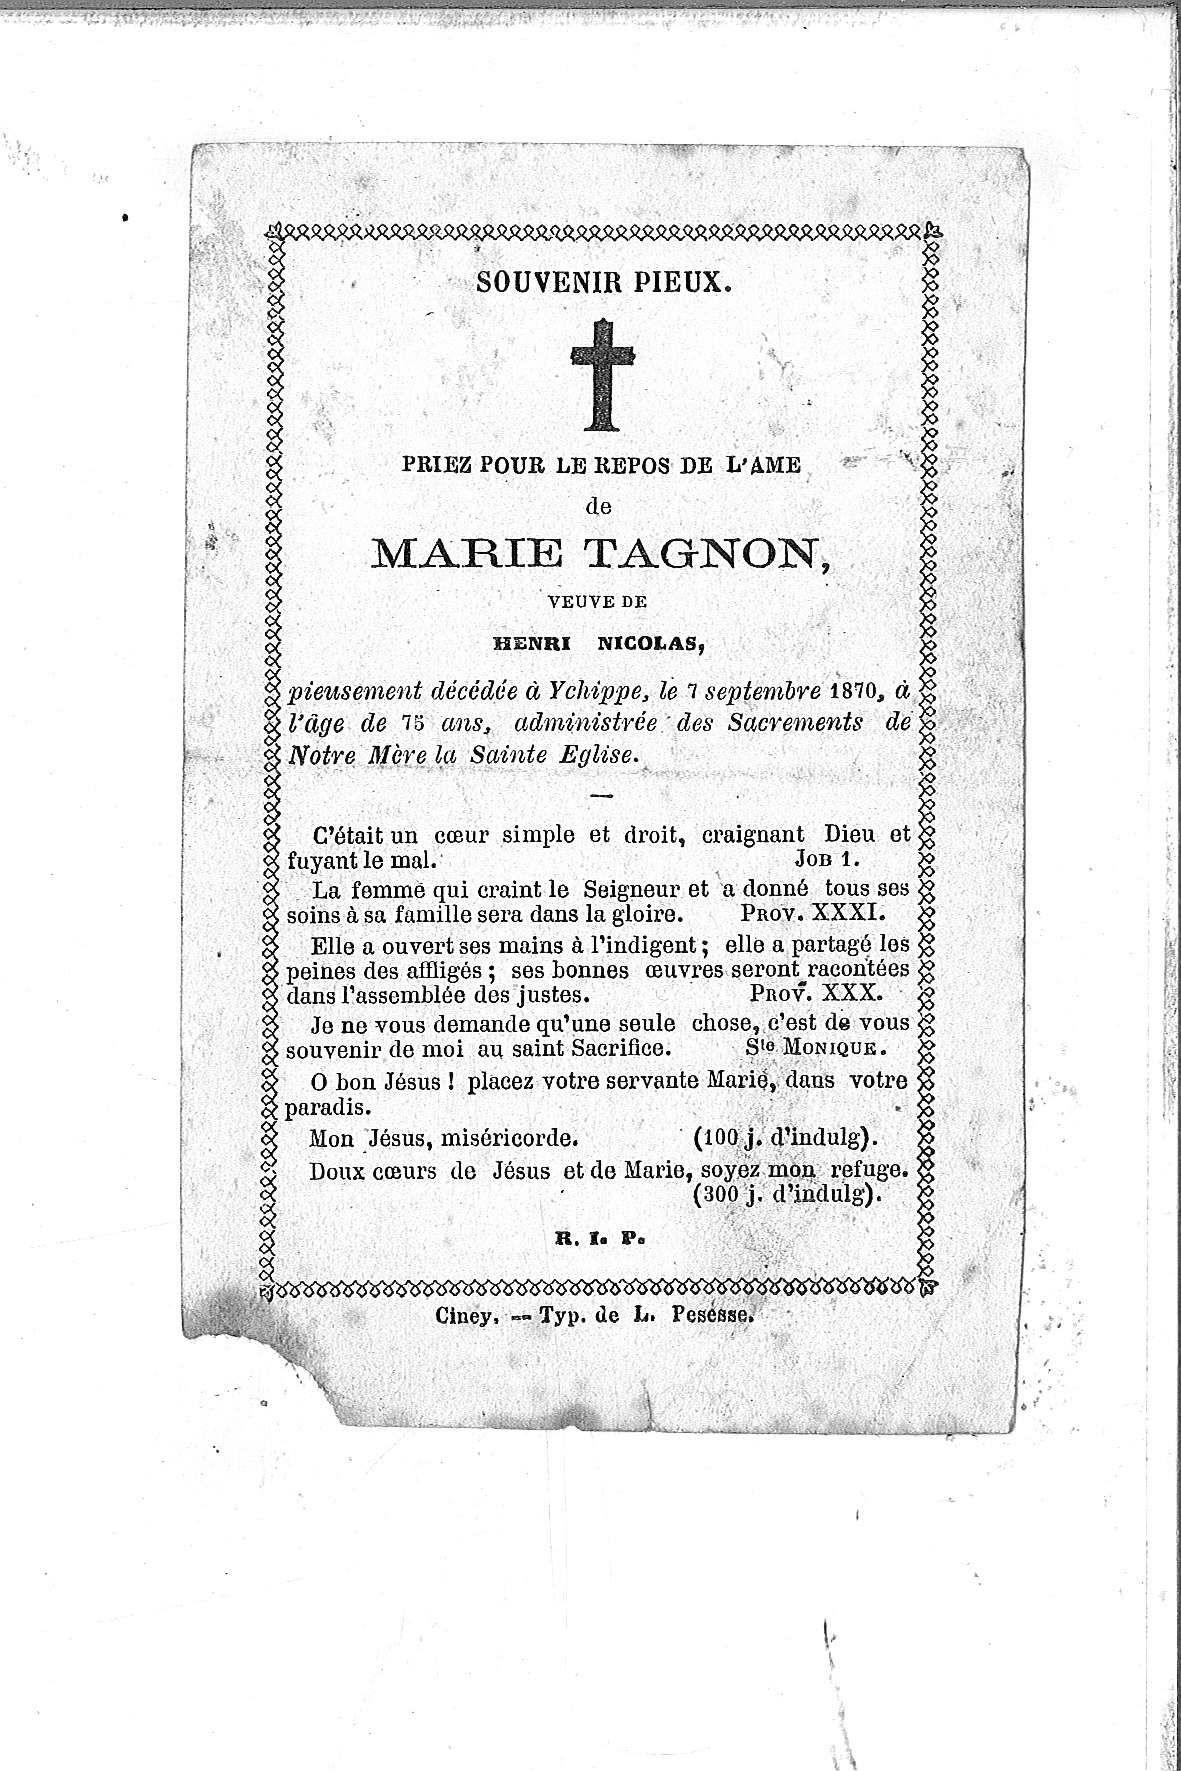 Marie(1870)20140717084042_00029.jpg